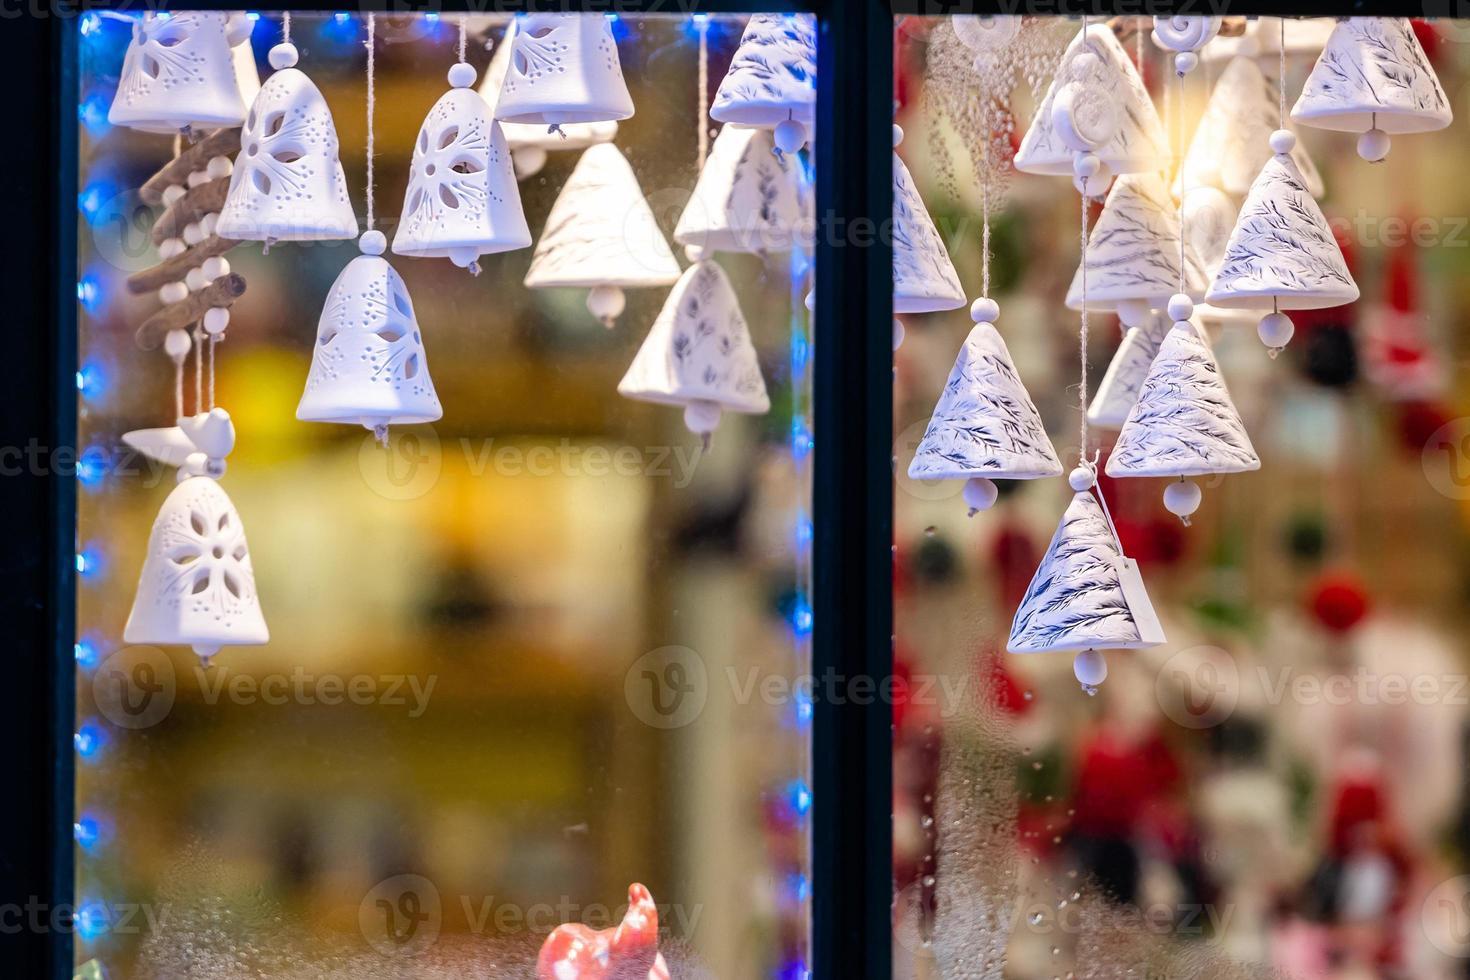 la ventana a través de la cual se ven los adornos navideños. concepto de tiempo de Navidad. foto